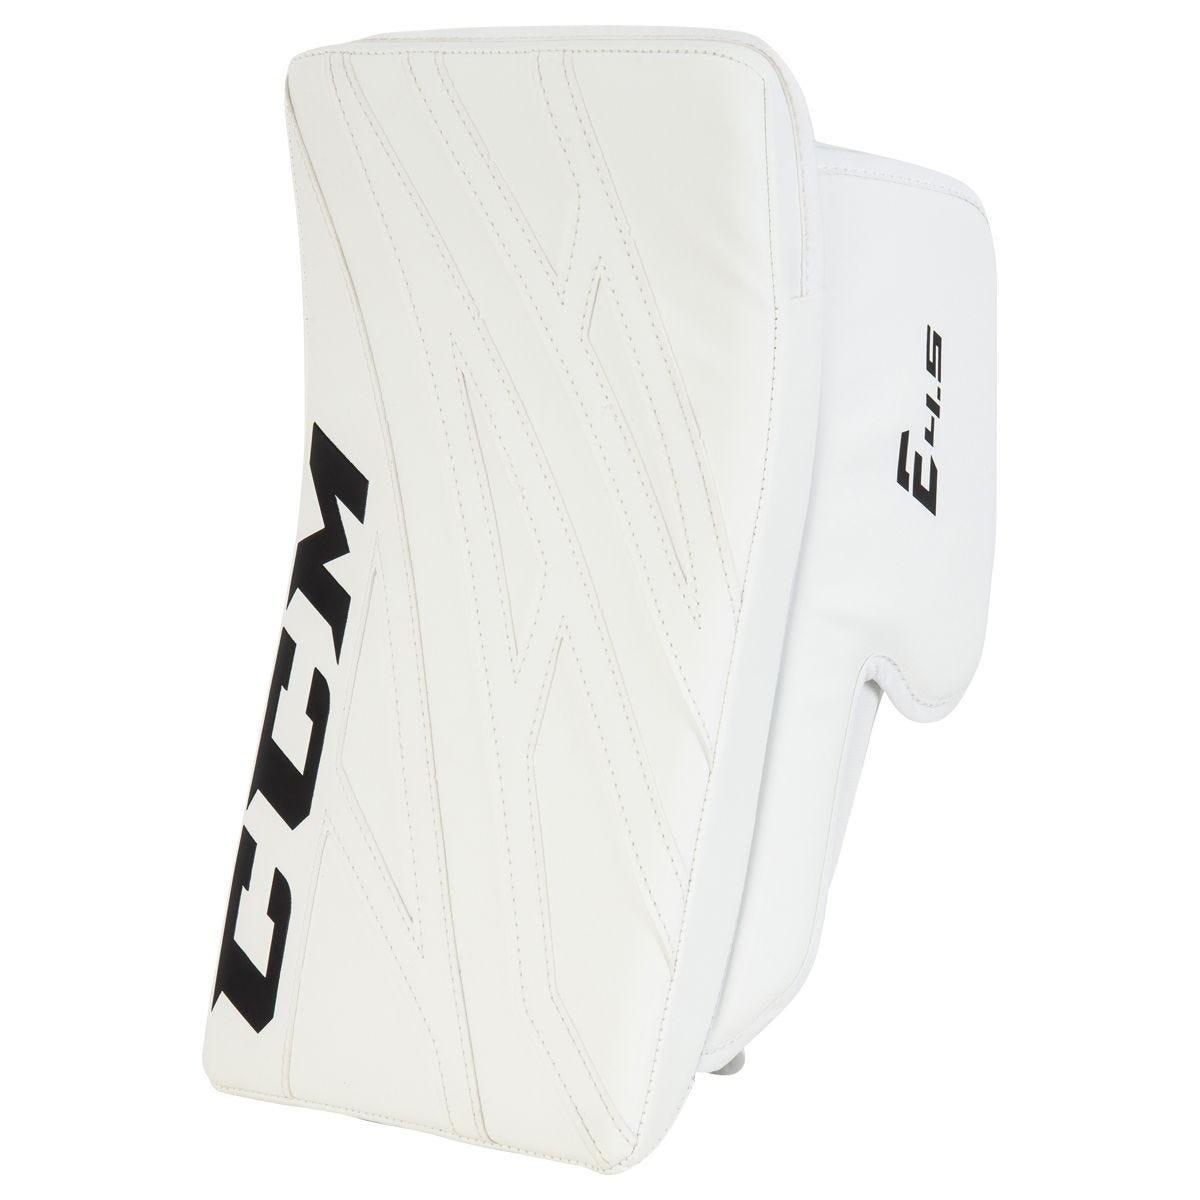 CCM Extreme Flex E4.5 Junior Goalie Blocker